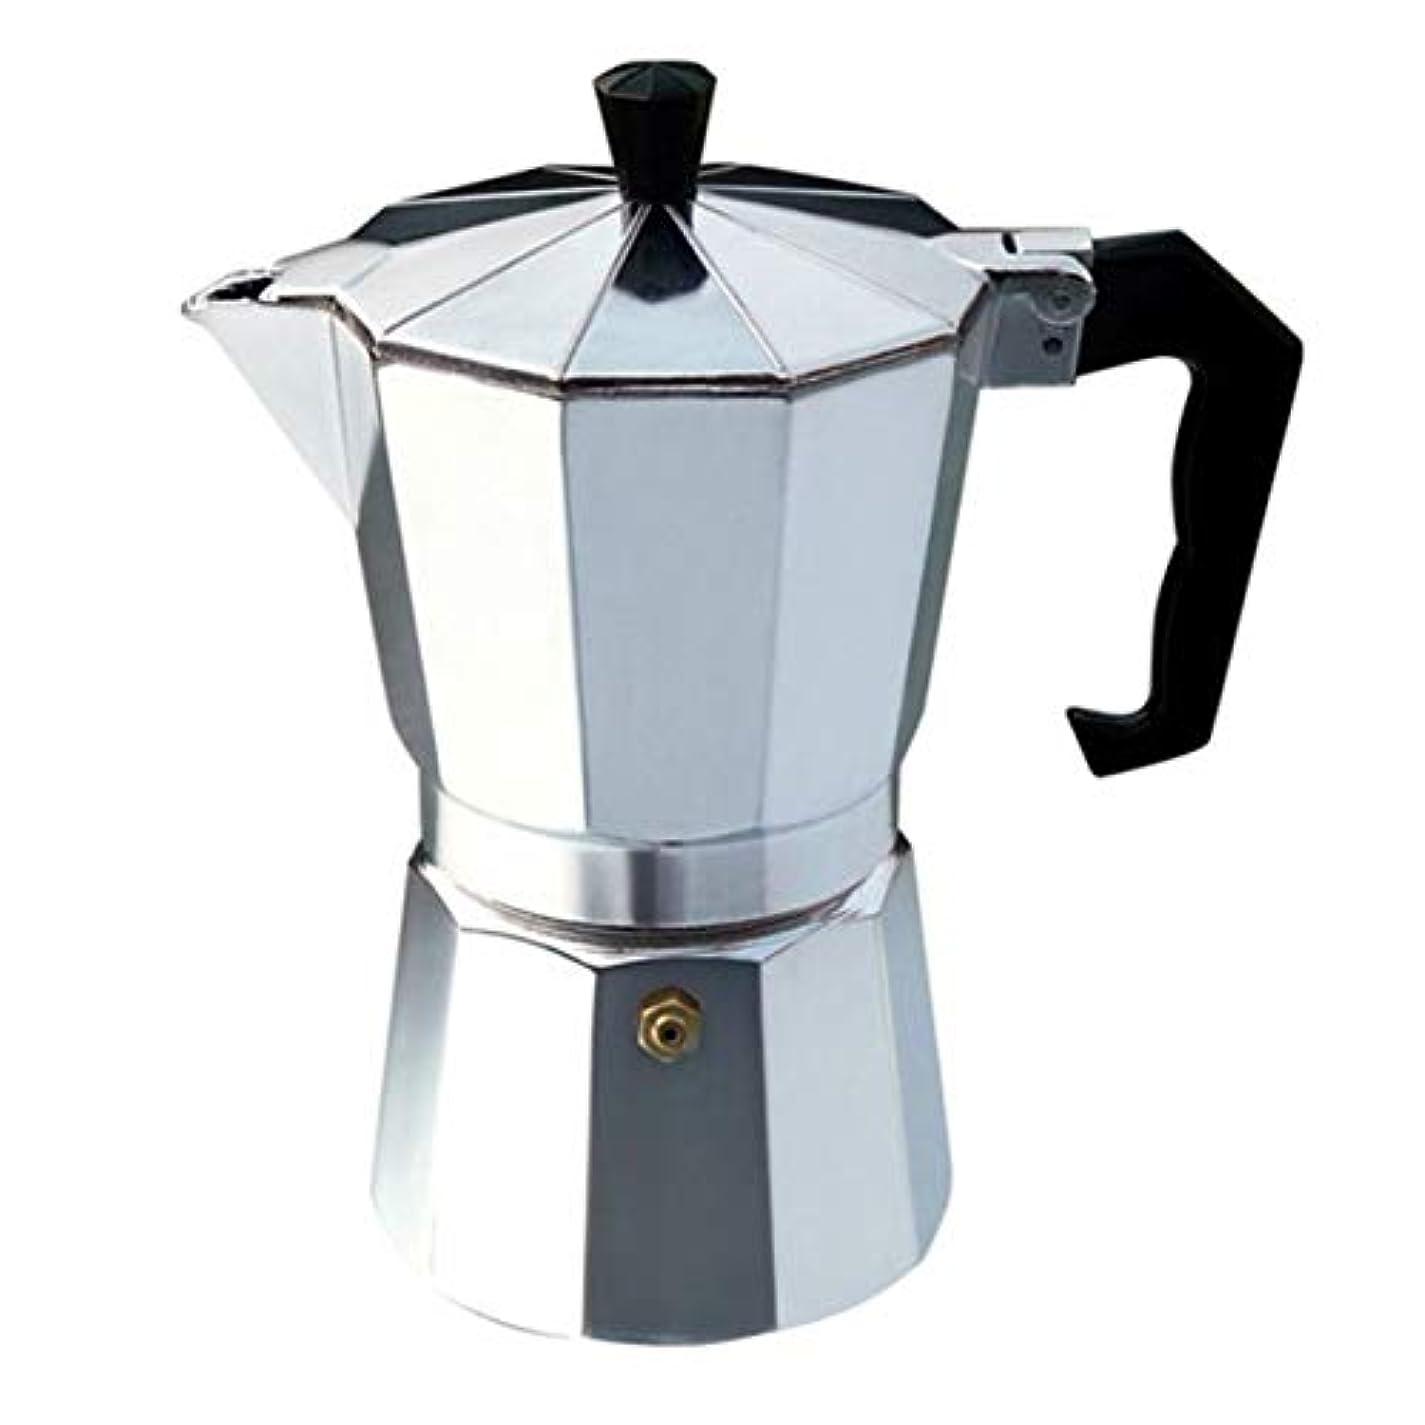 矩形体陰気Saikogoods ナガXuefeiイタリアコーヒーブラックコーヒーモカコーヒー 実用的なギフト 簡単にクリーンアップするためにアルミ真岡鍋 Octangleコーヒーメーカー 銀 6カップ